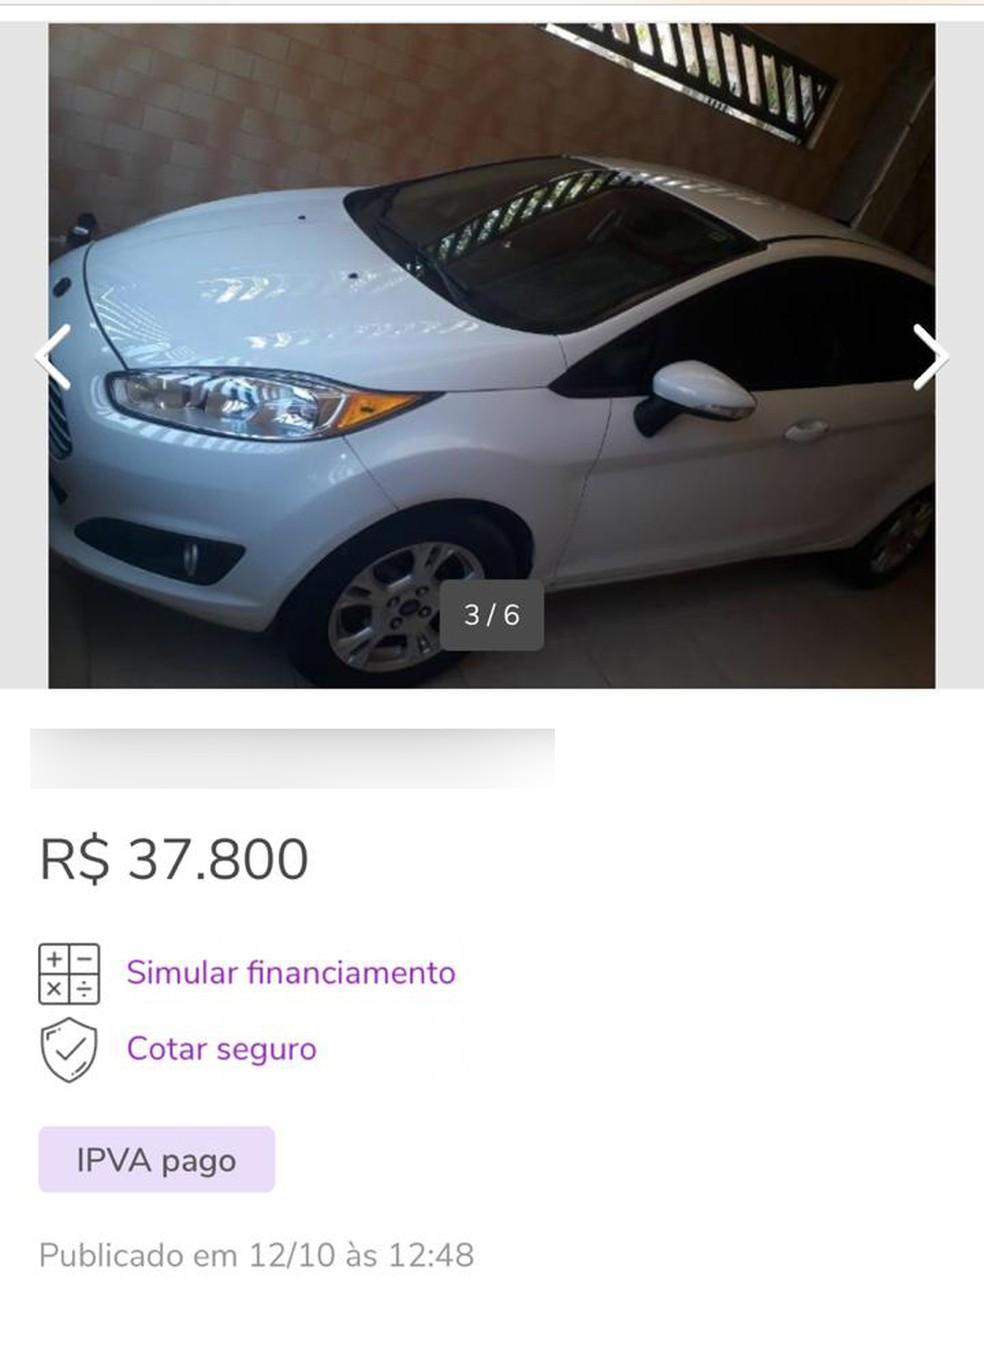 Anúncio de venda de carro divulgado na web que foi clonado por criminosos — Foto: Reprodução/OLX